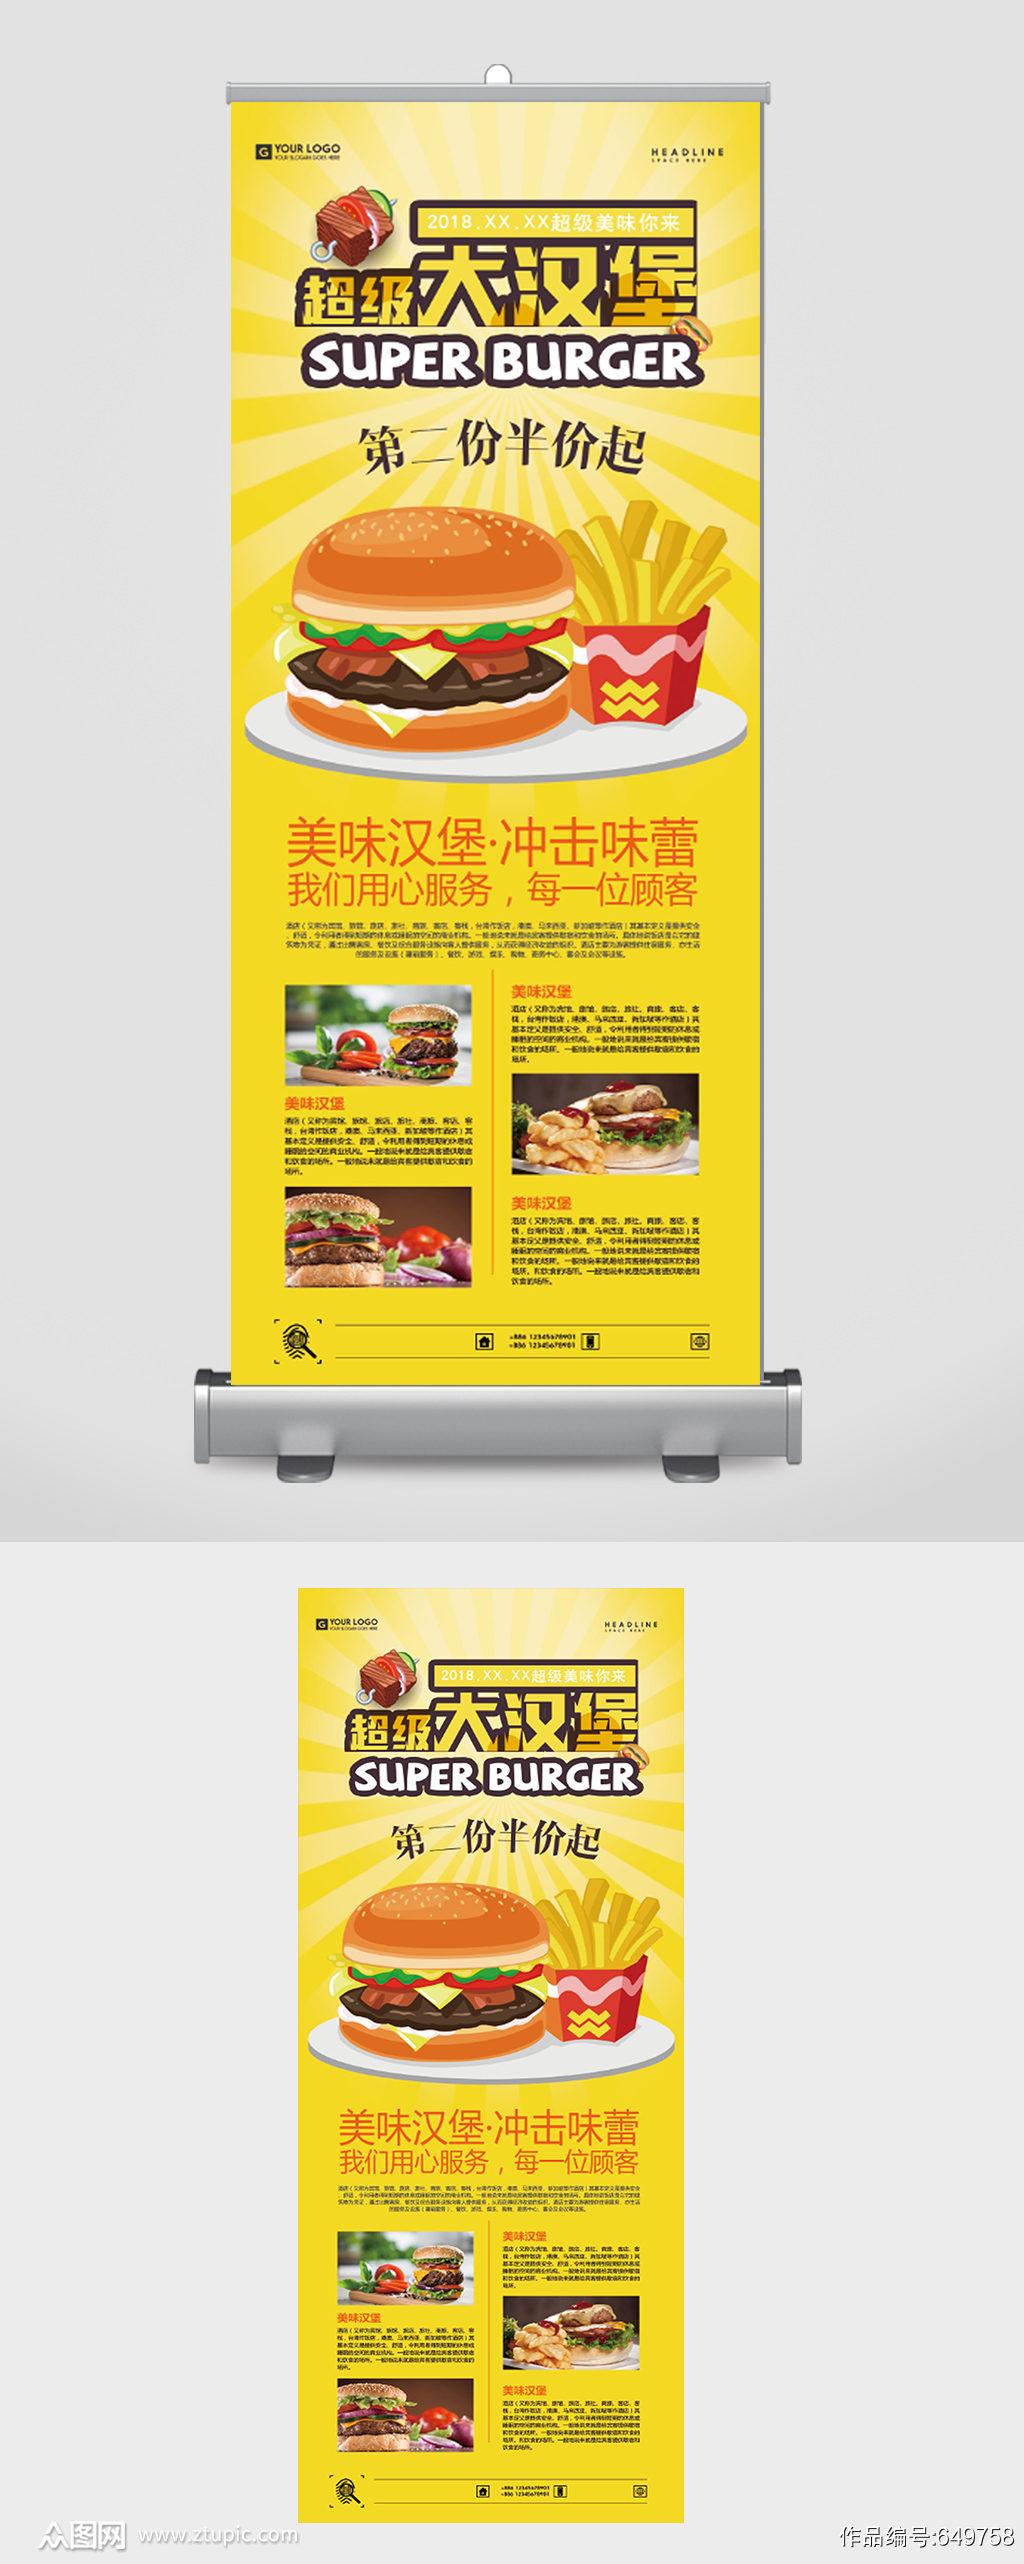 超级大汉堡半价优惠活动展架素材